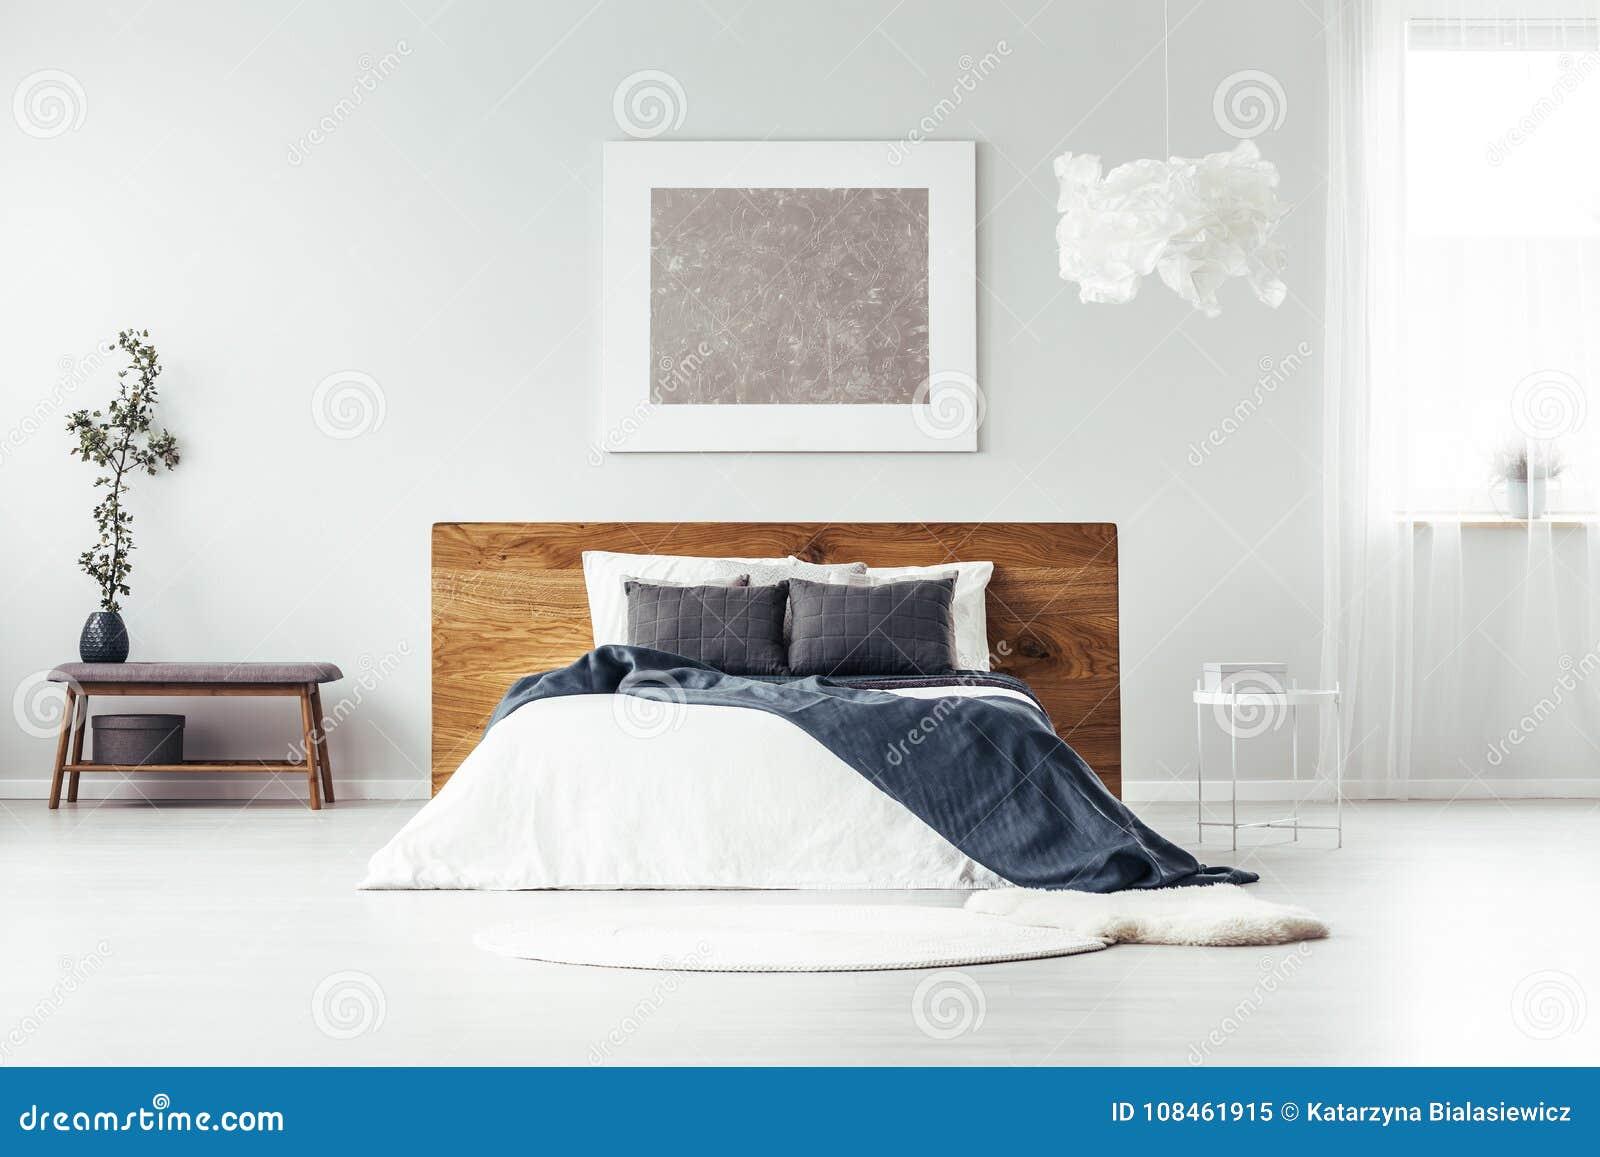 Parete Camera Da Letto Argento : Pittura d argento nella camera da letto spaziosa immagine stock